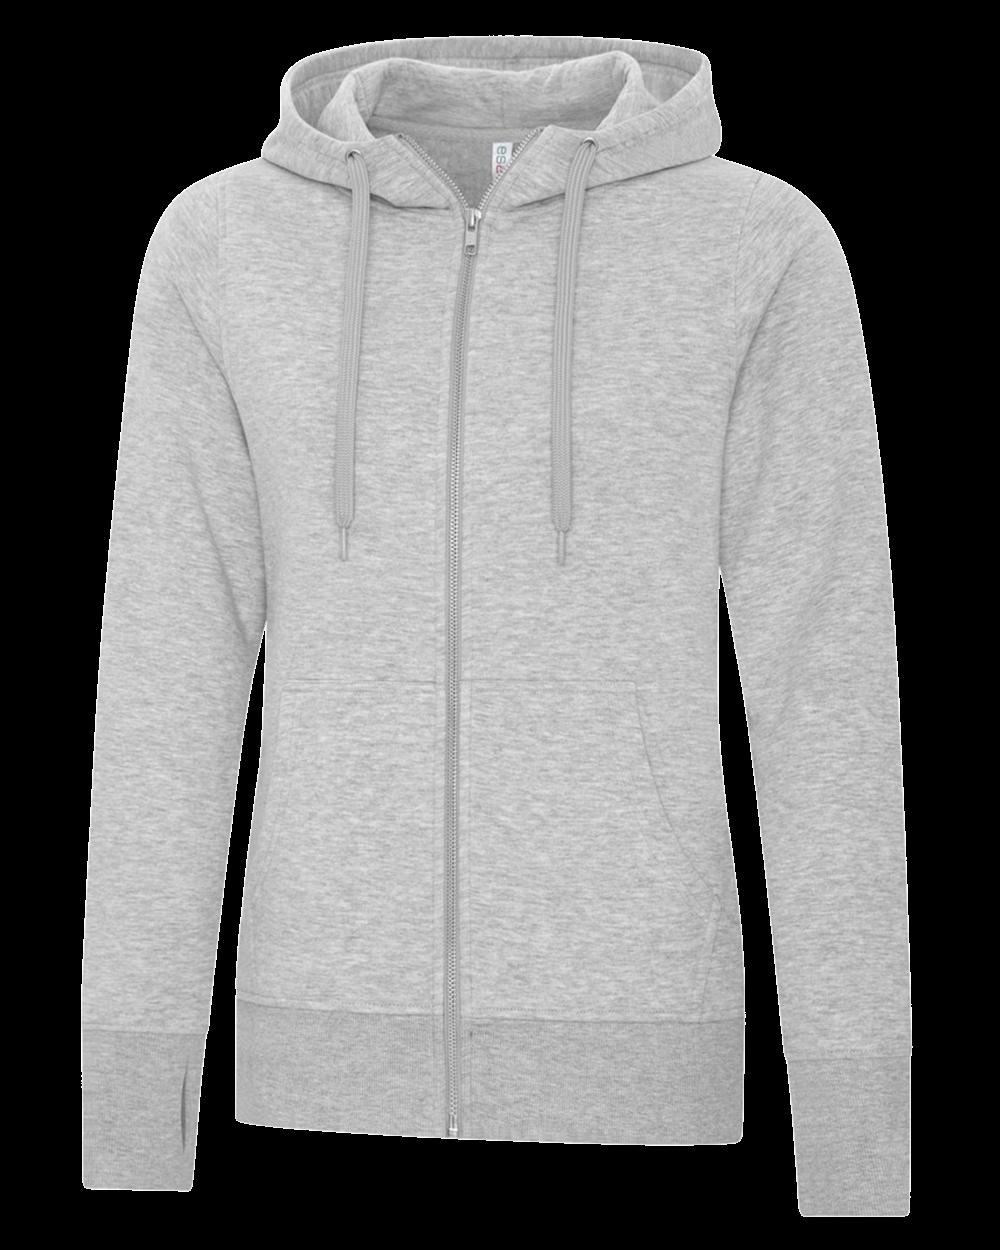 ES Active Core Full Zip Ladies Sweatshirt